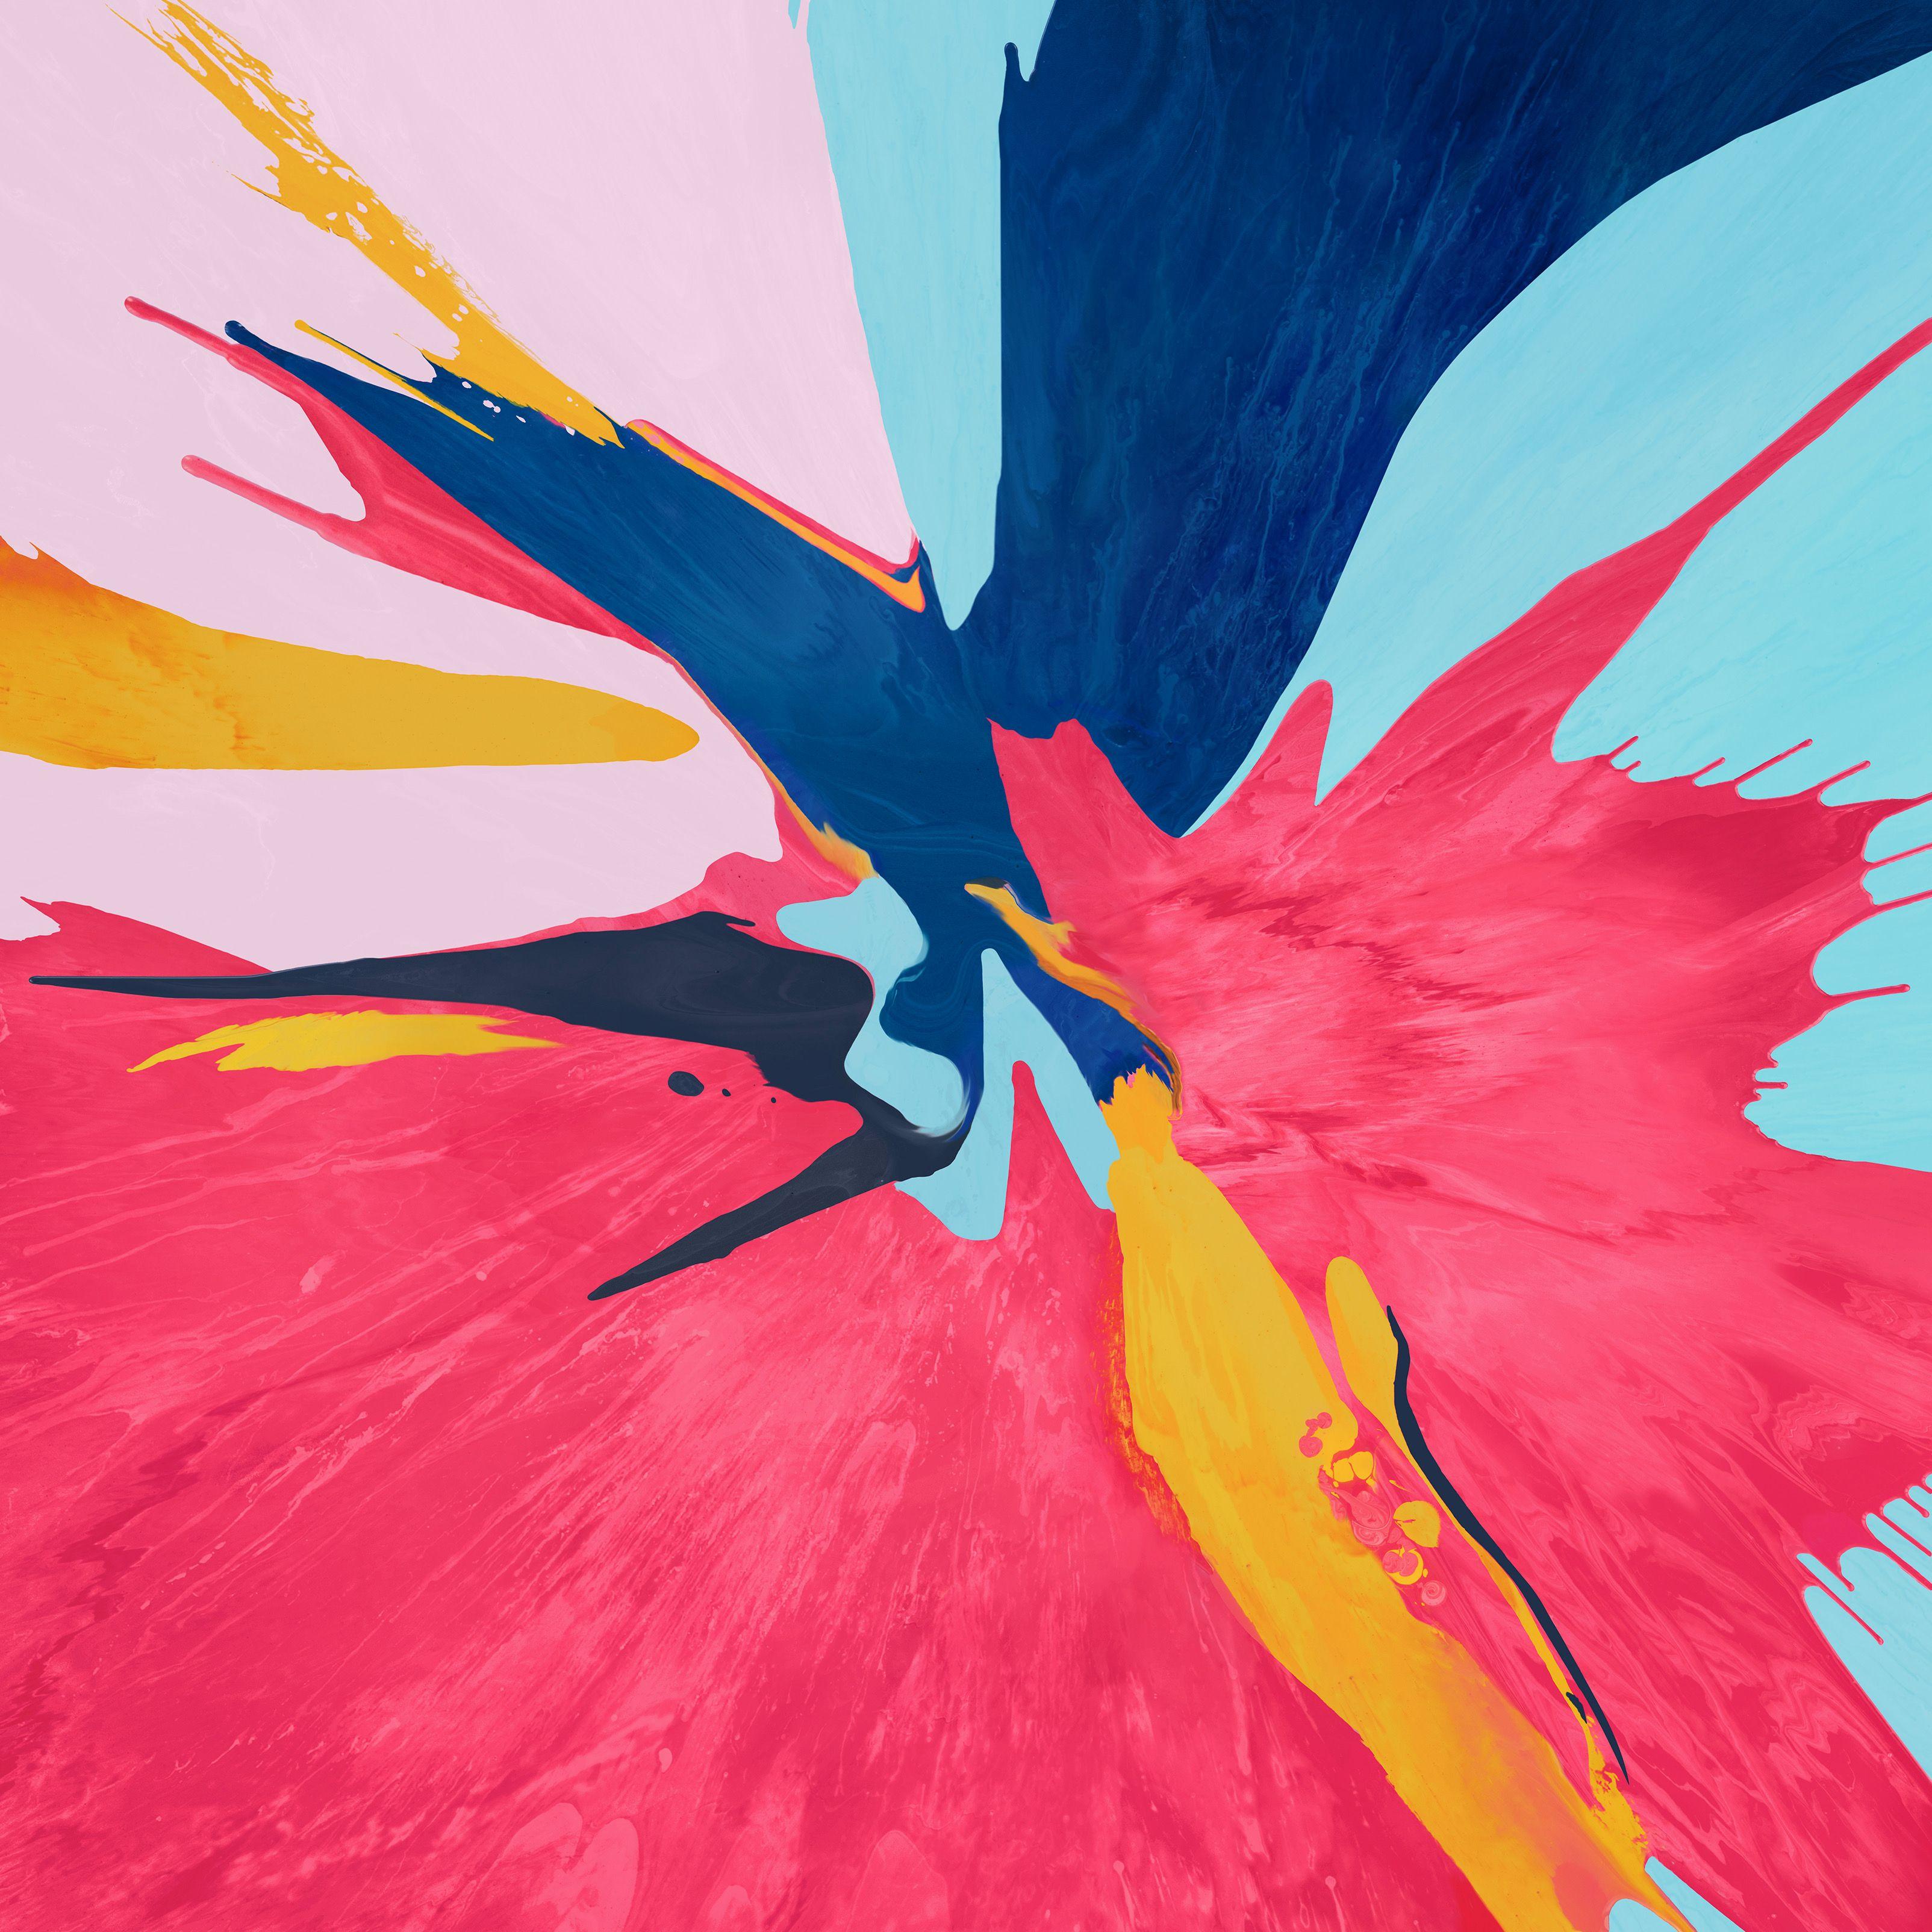 IPad Pro (2018) wallpaper Абстрактное, Обои, Мас обои